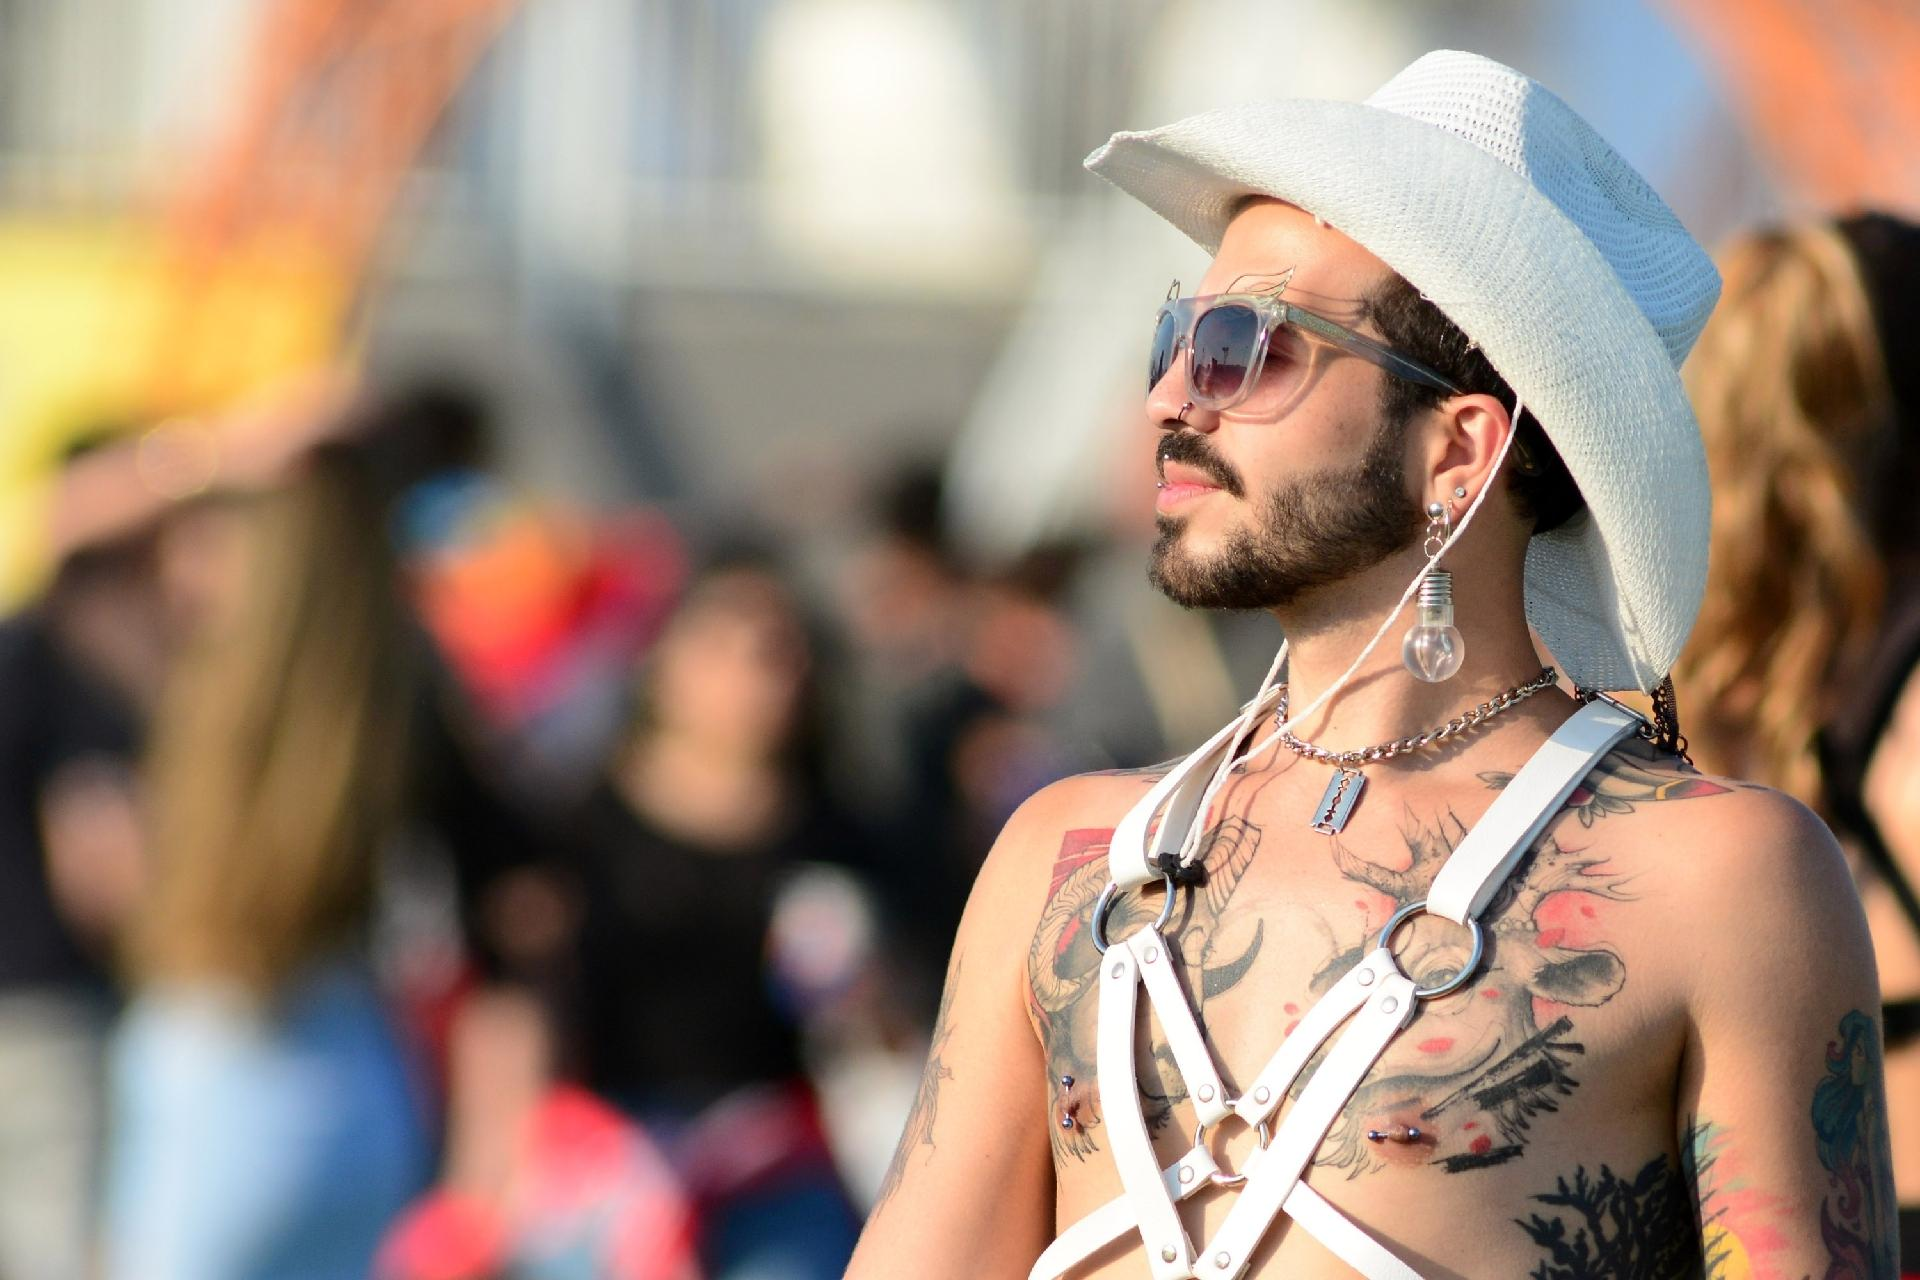 Cantor Todo Tatuado Brasileiro fotos: veja tatuagens exibidas pelos fãs no rock in rio - 03